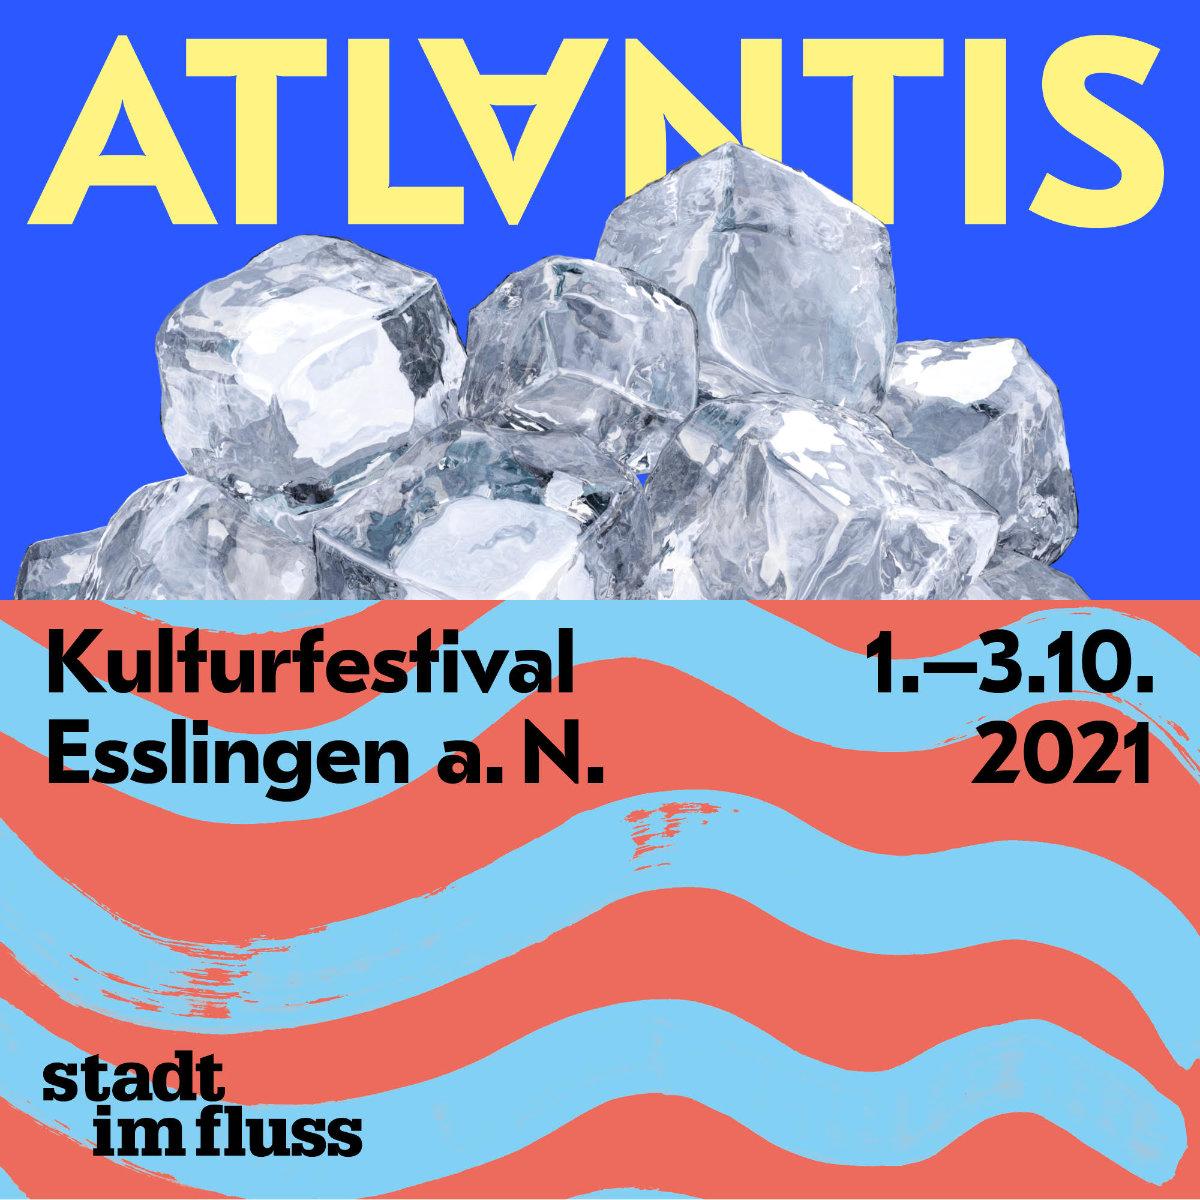 Vorschau: ATLANTIS - Stadt im Fluss, 01. bis 03.10., Esslingen